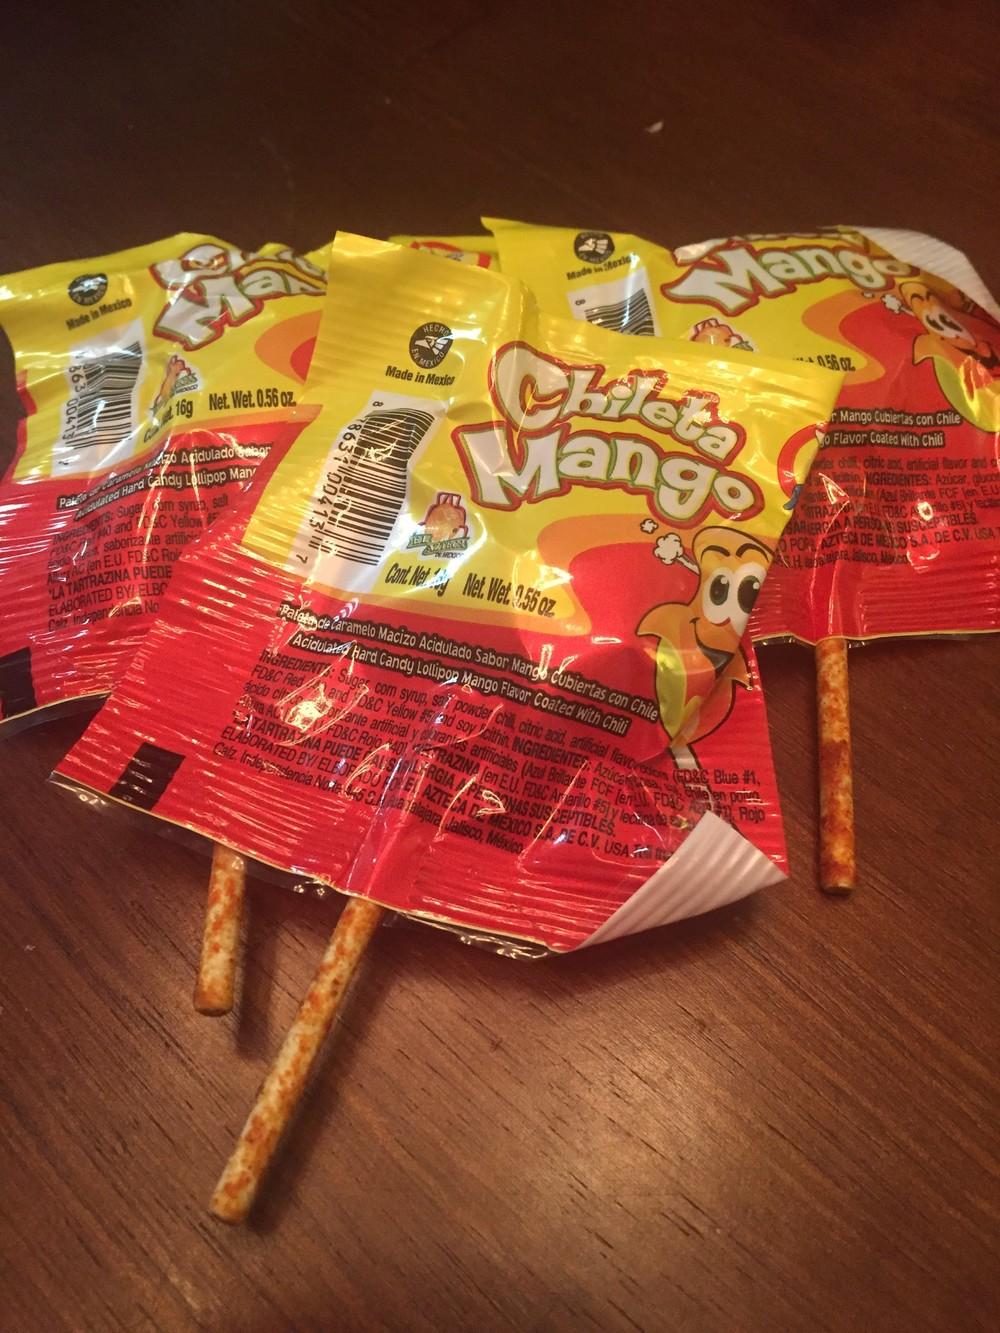 Chileta Mango lollipop